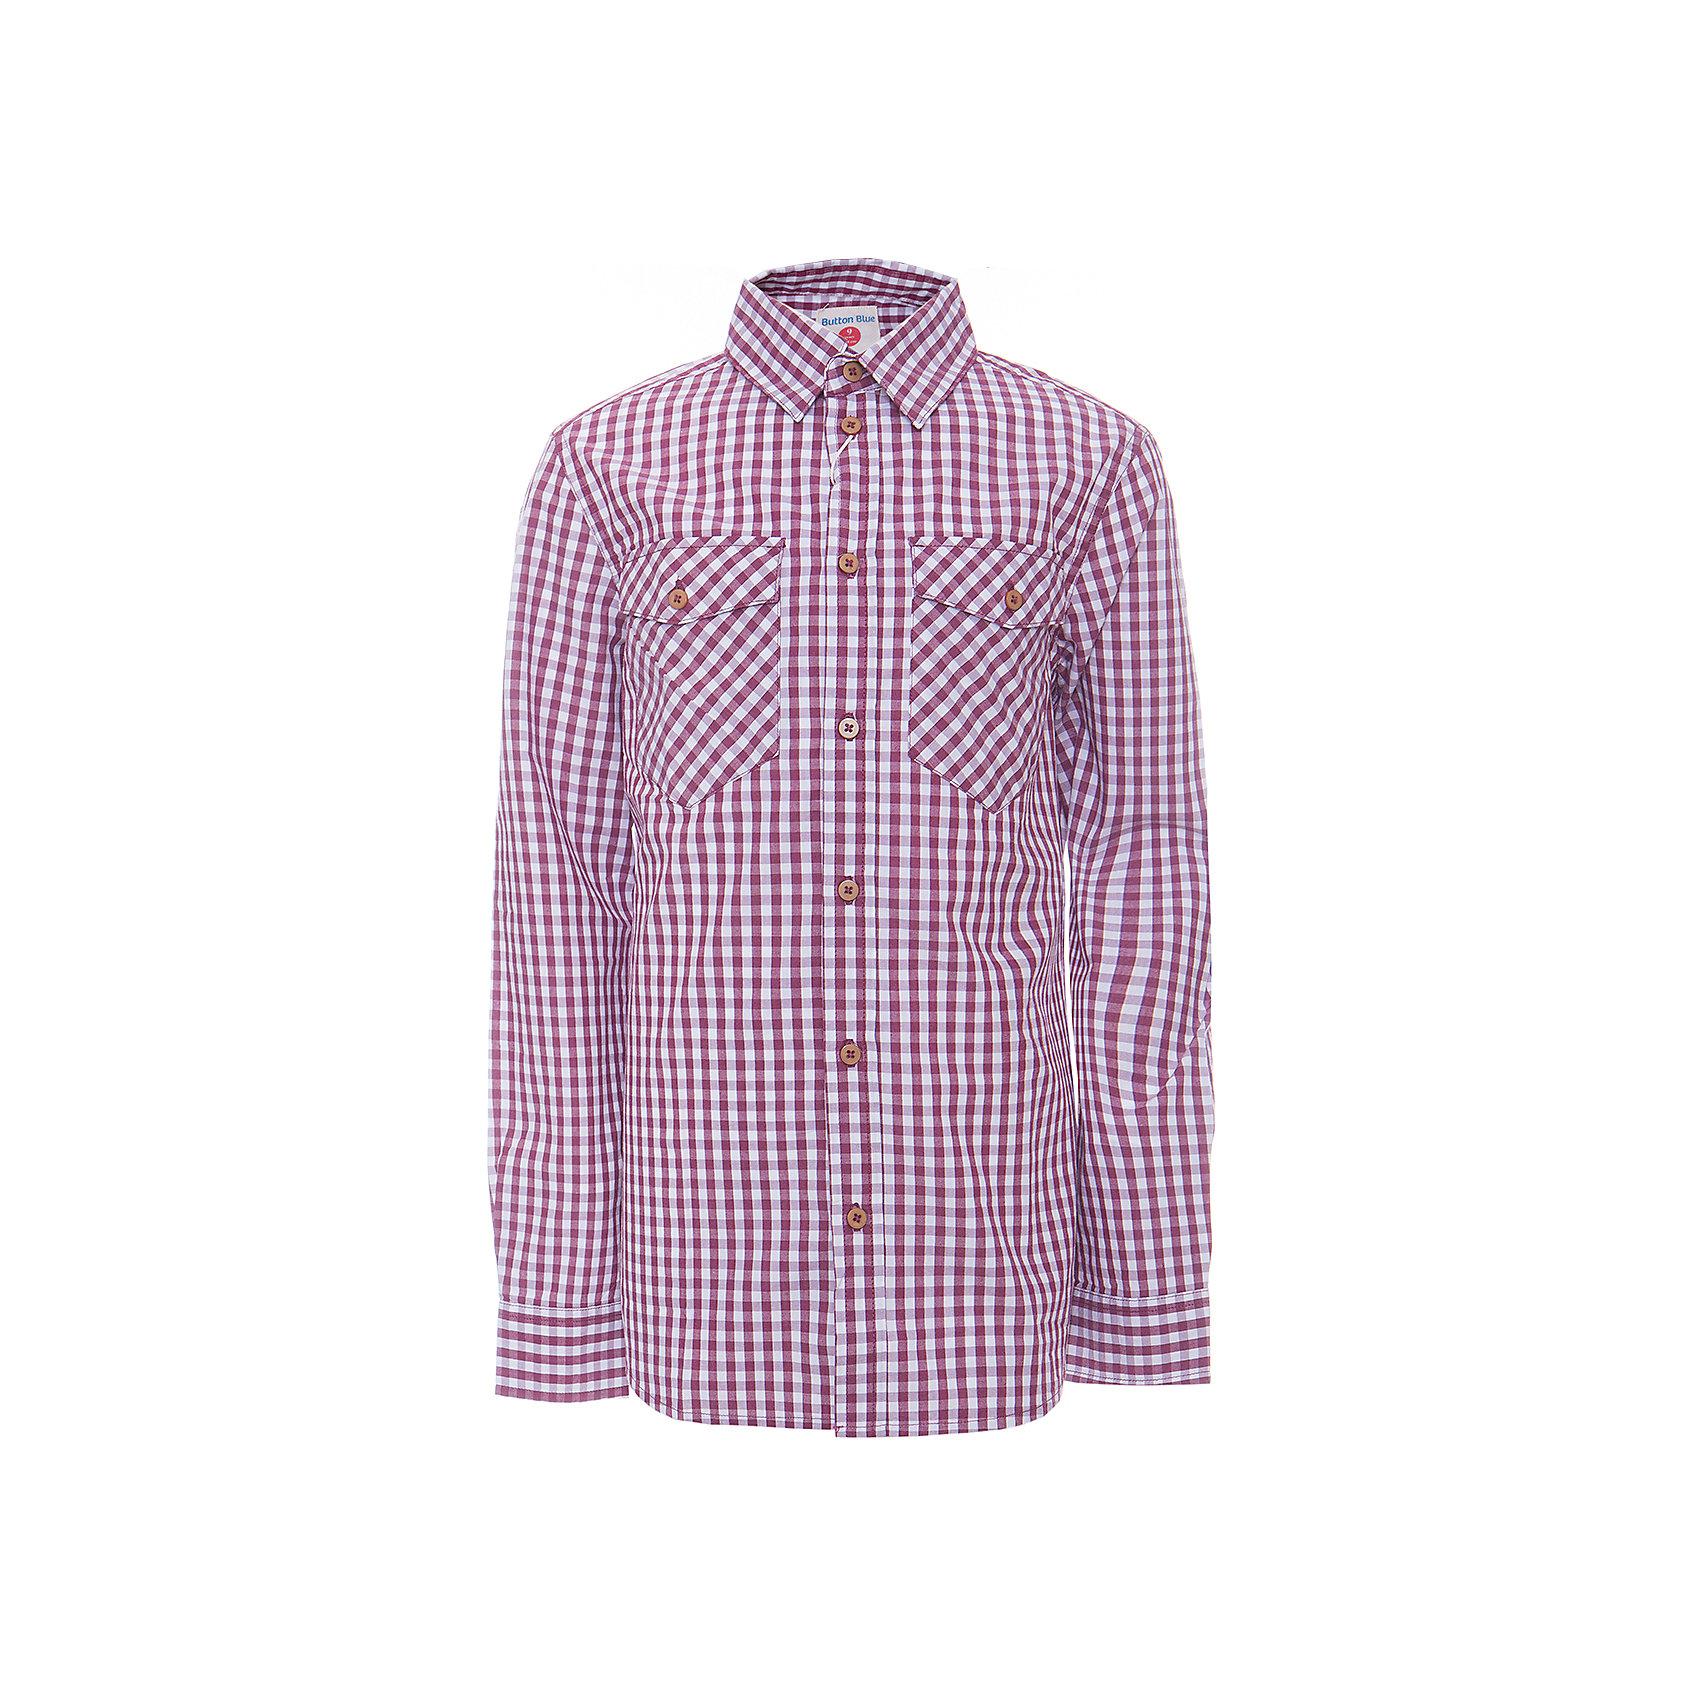 Рубашка для мальчика  BUTTON BLUEРубашка для мальчика  BUTTON BLUE<br>Клетчатая рубашка - яркий акцент повседневного образа ребенка. Купить рубашку для мальчика стоит ранней весной, и сочетать ее с футболкой, толстовкой, джемпером, создавая модные многослойные решения. И для лета яркая рубашка в клетку из 100% хлопка - отличный вариант. С брюками, шортами, джинсами она будет выглядеть свежо и стильно!<br>Состав:<br>100%  хлопок<br><br>Ширина мм: 174<br>Глубина мм: 10<br>Высота мм: 169<br>Вес г: 157<br>Цвет: красный<br>Возраст от месяцев: 144<br>Возраст до месяцев: 156<br>Пол: Мужской<br>Возраст: Детский<br>Размер: 158,98,104,110,116,122,128,134,140,146,152<br>SKU: 5524452